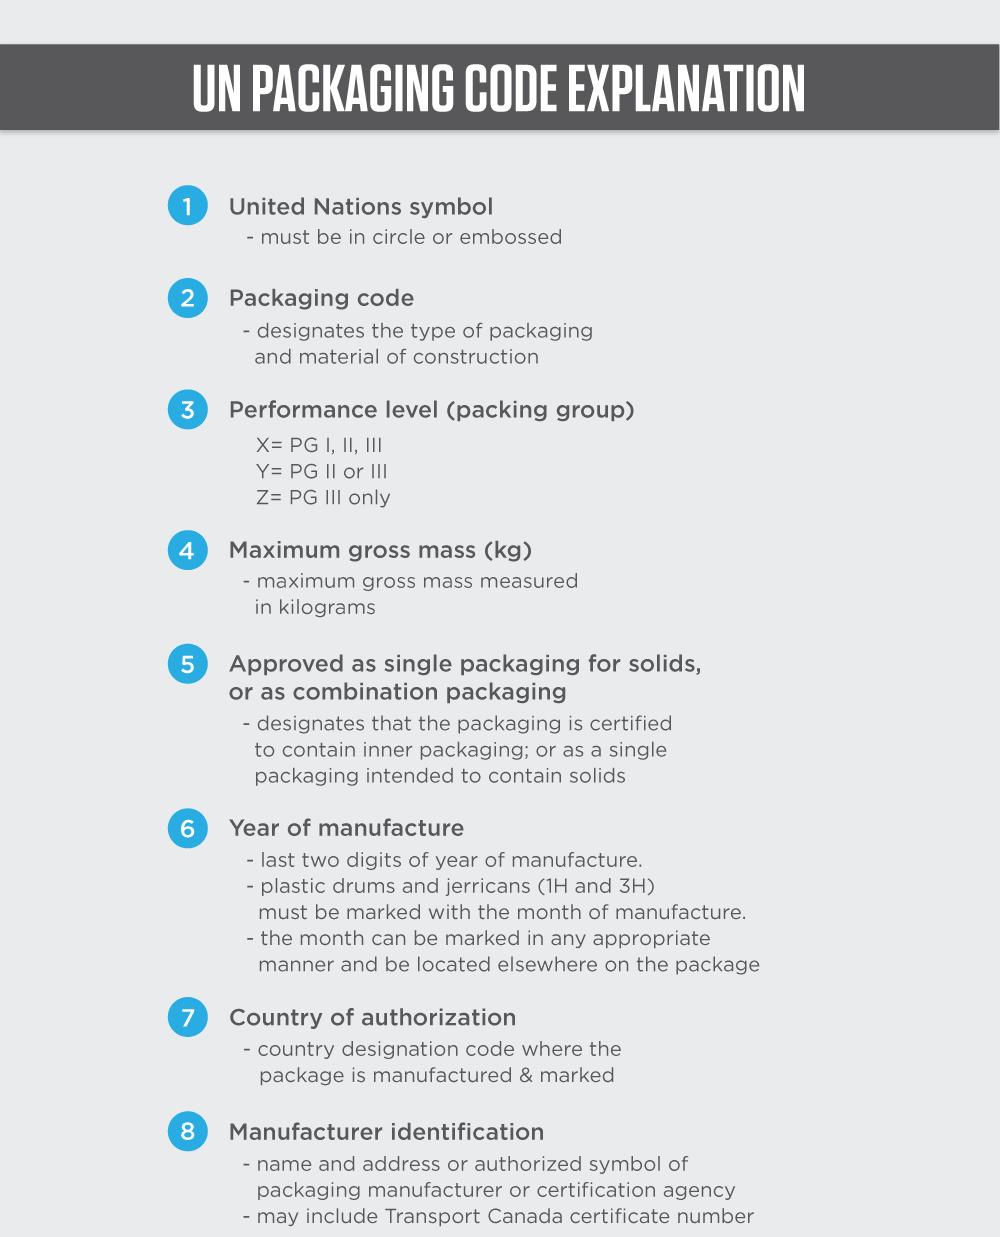 Understanding UN Packaging Codes - 7